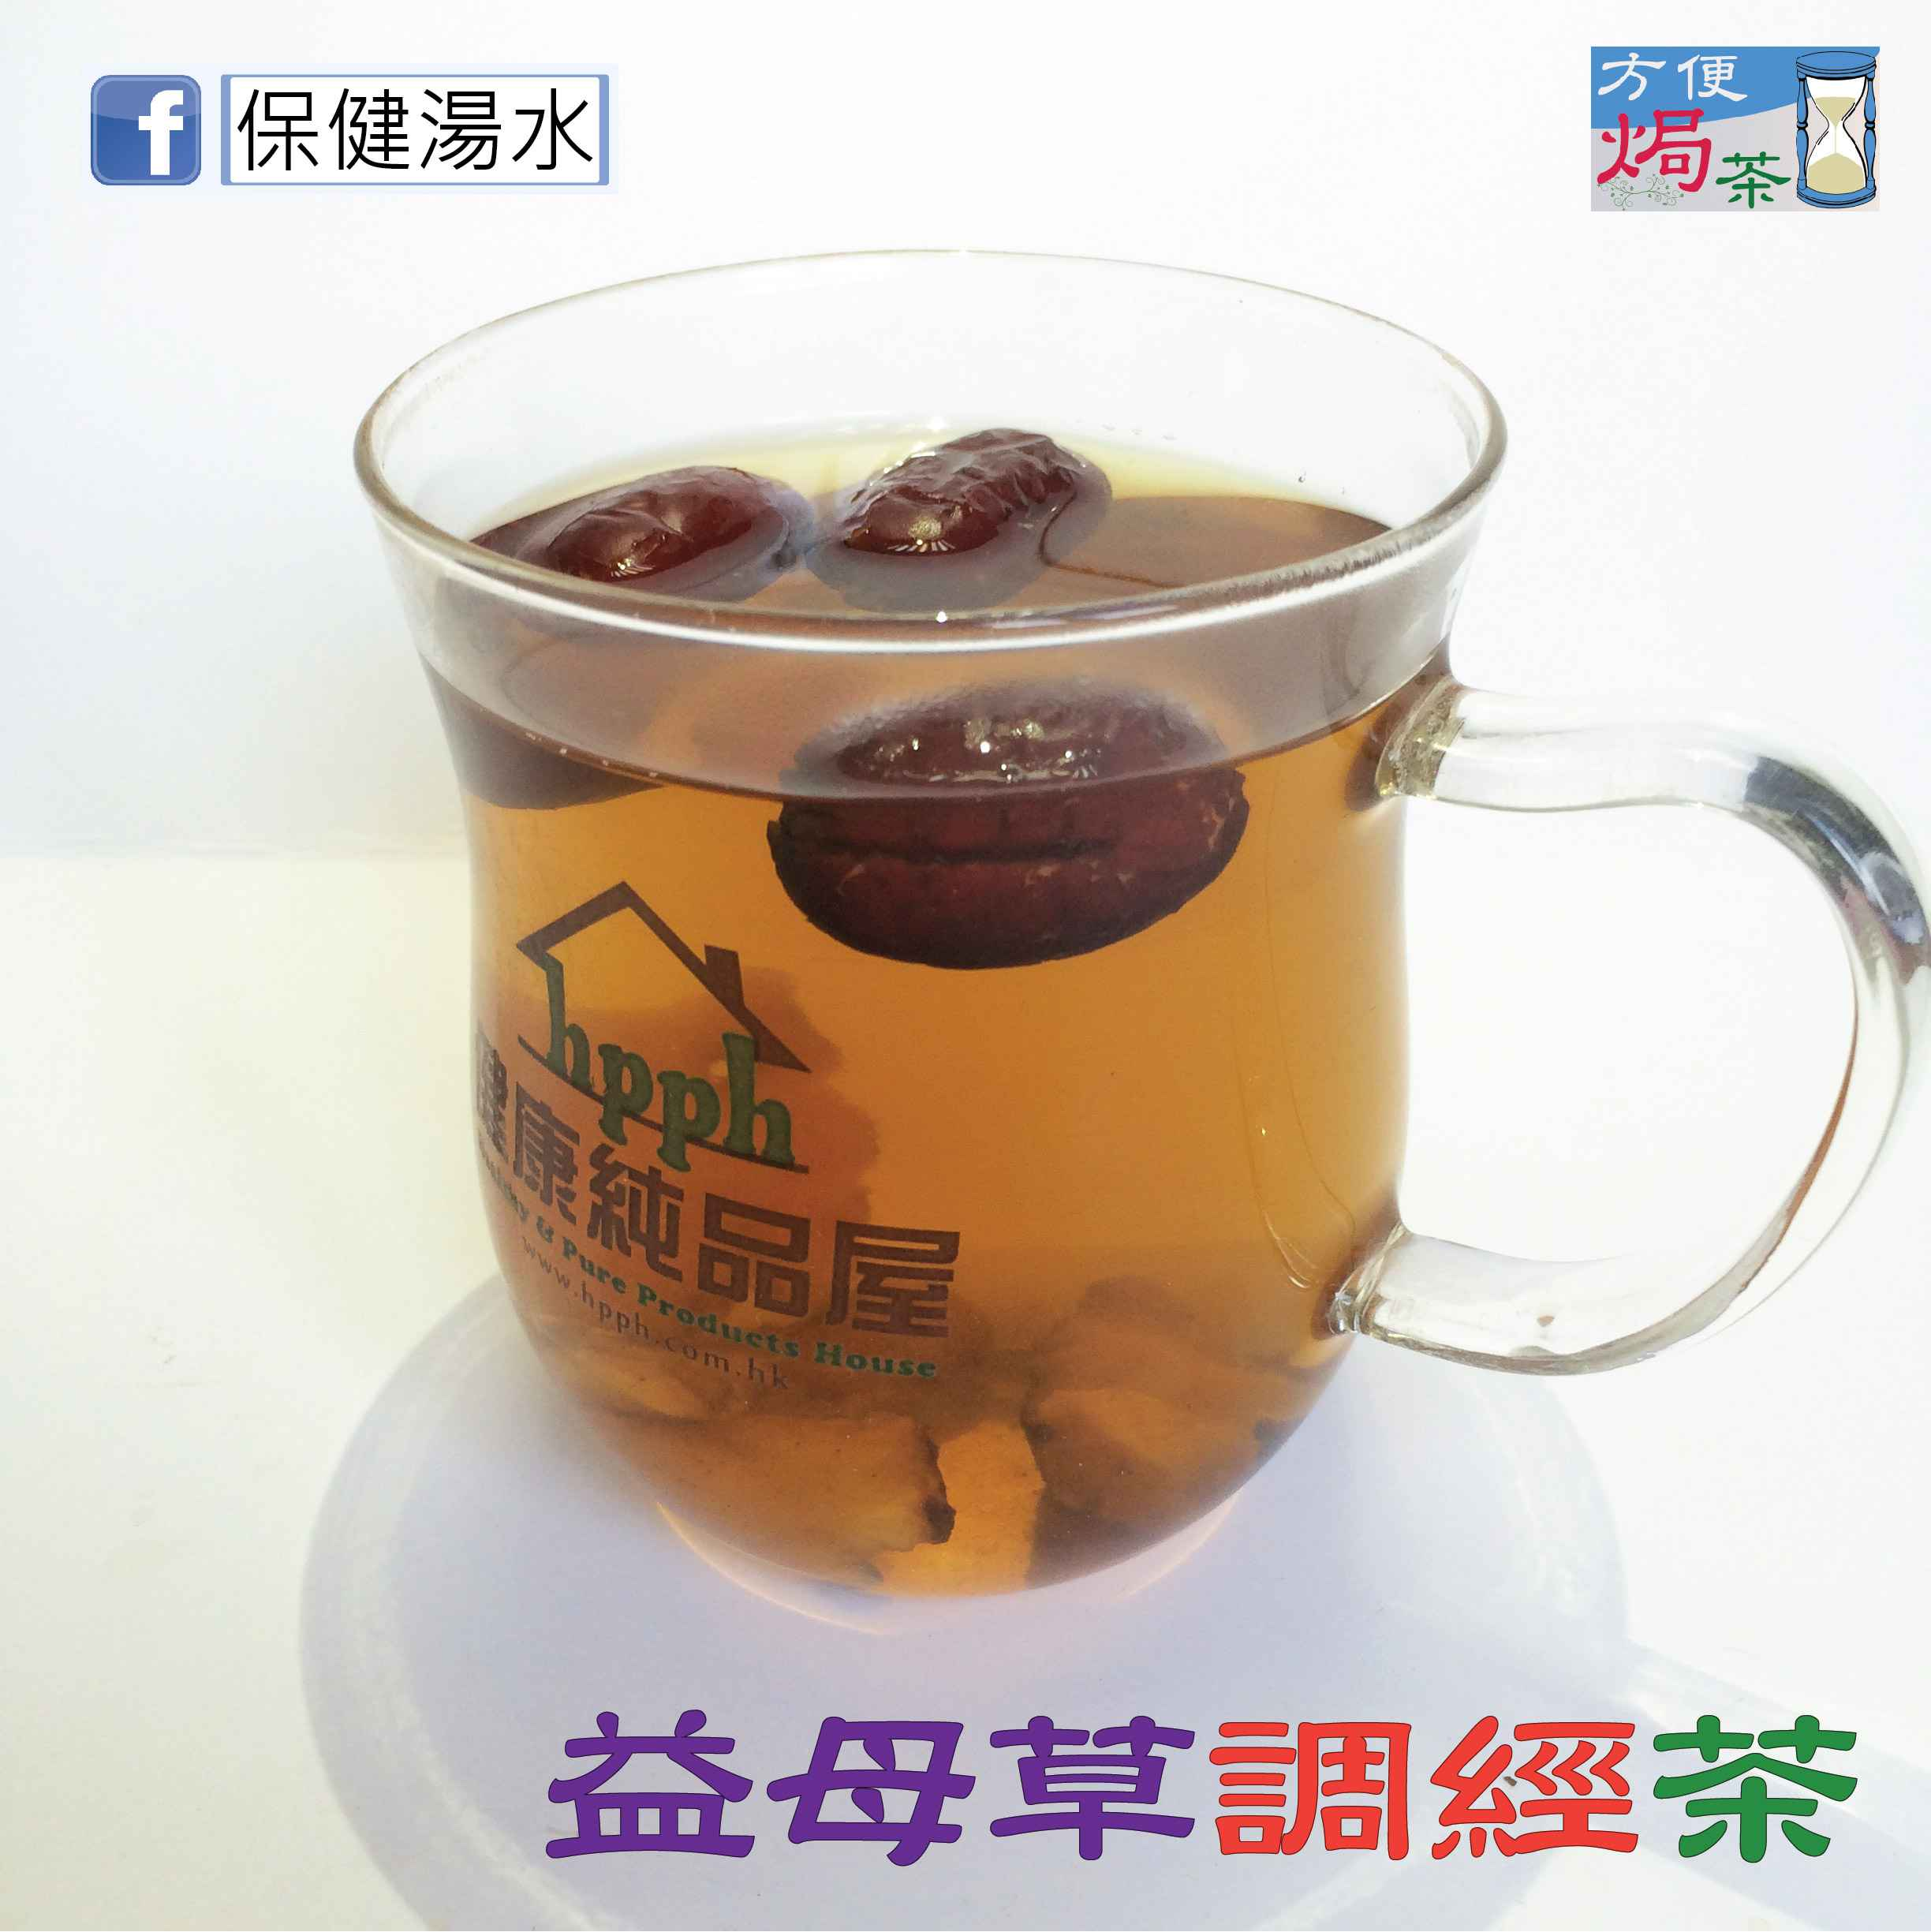 益母草調經茶的保暖壼焗茶示範 | 健康純品屋